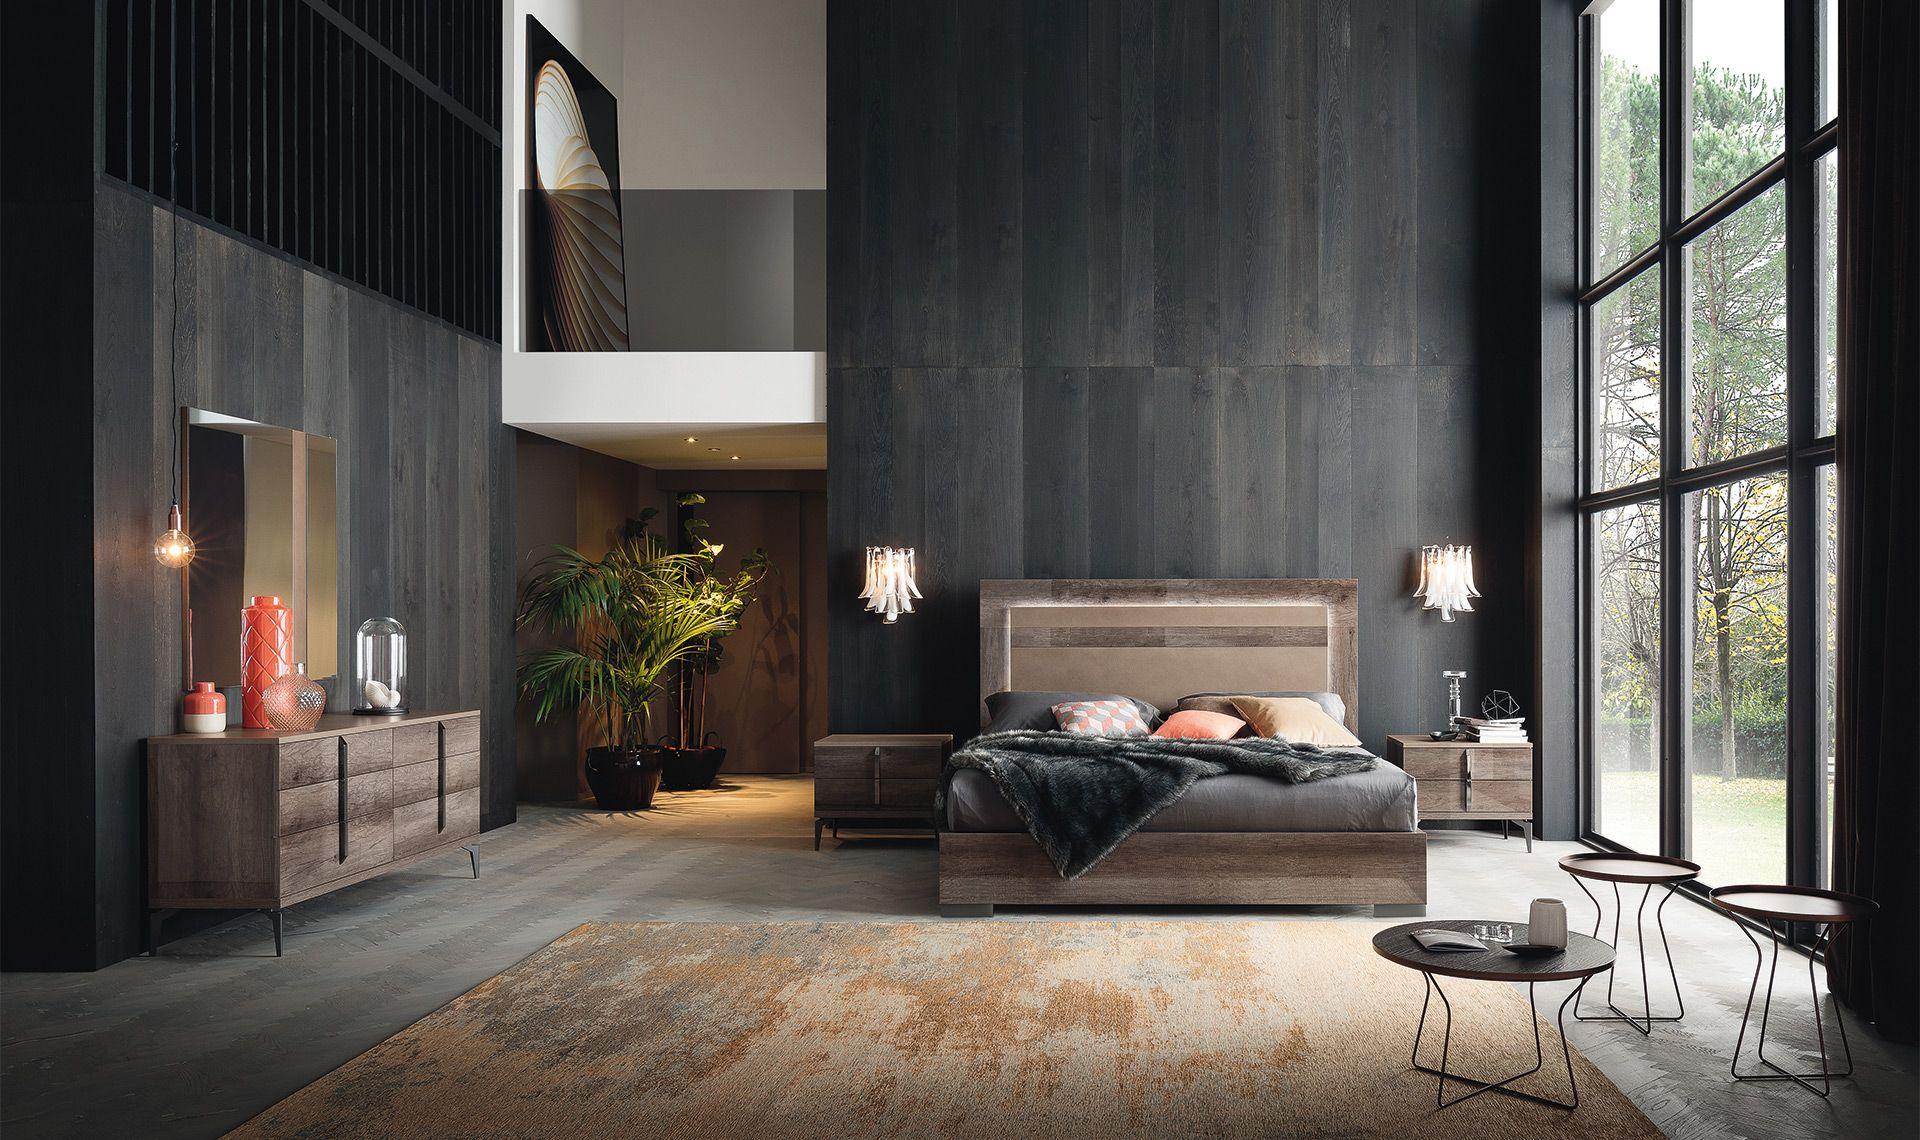 33+ Bedroom set minimalist ideas